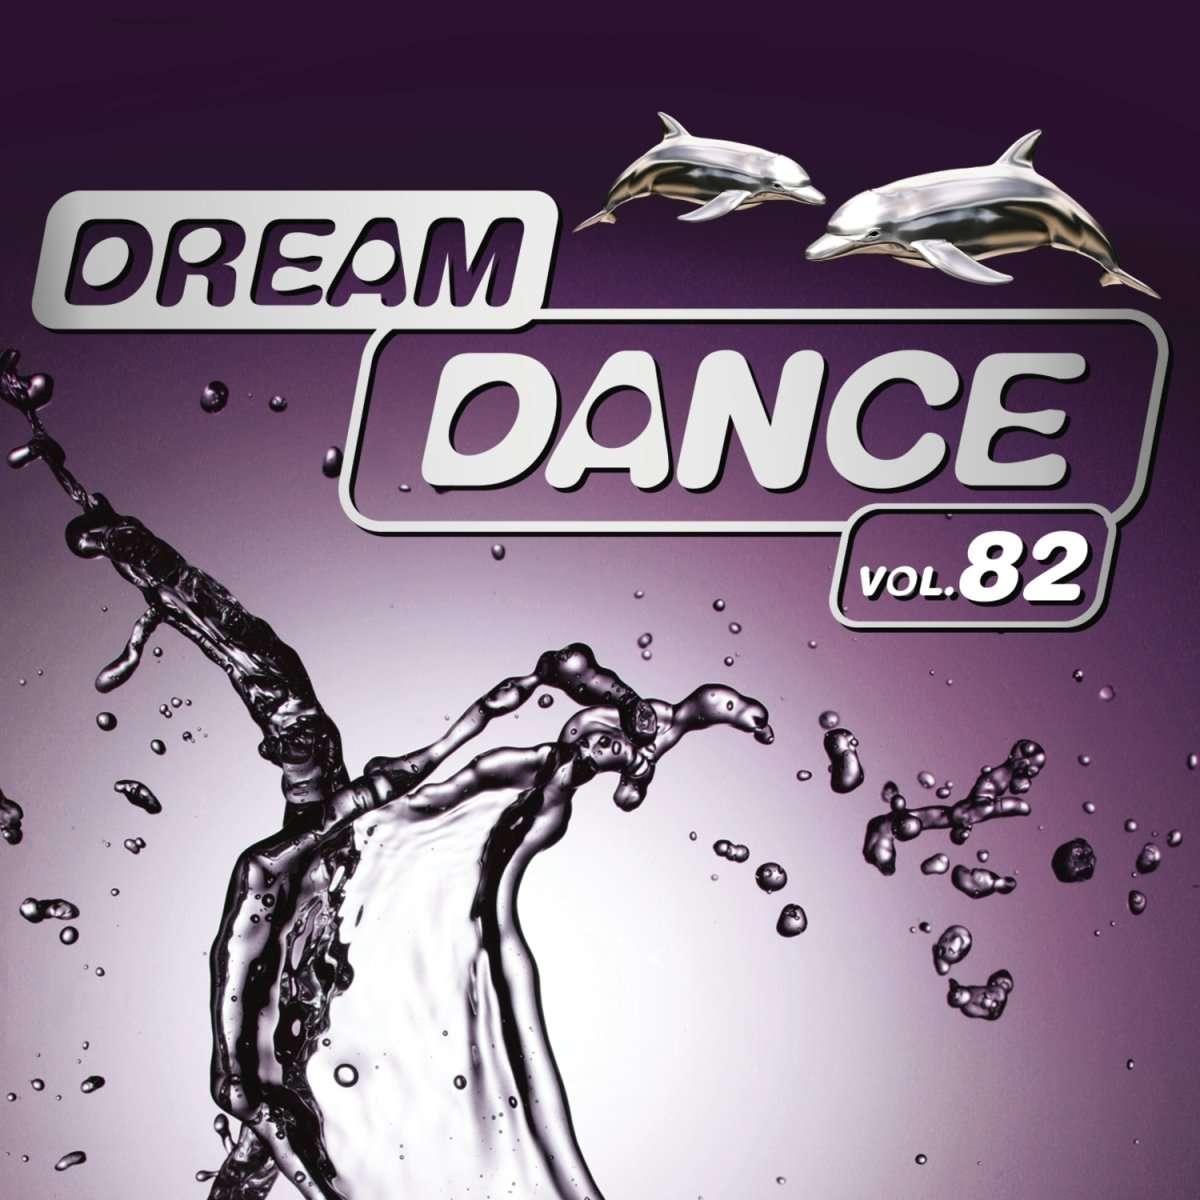 Sony Music《Dream Dance Vol. 82》[CD级无损/44.1kHz/16bit]